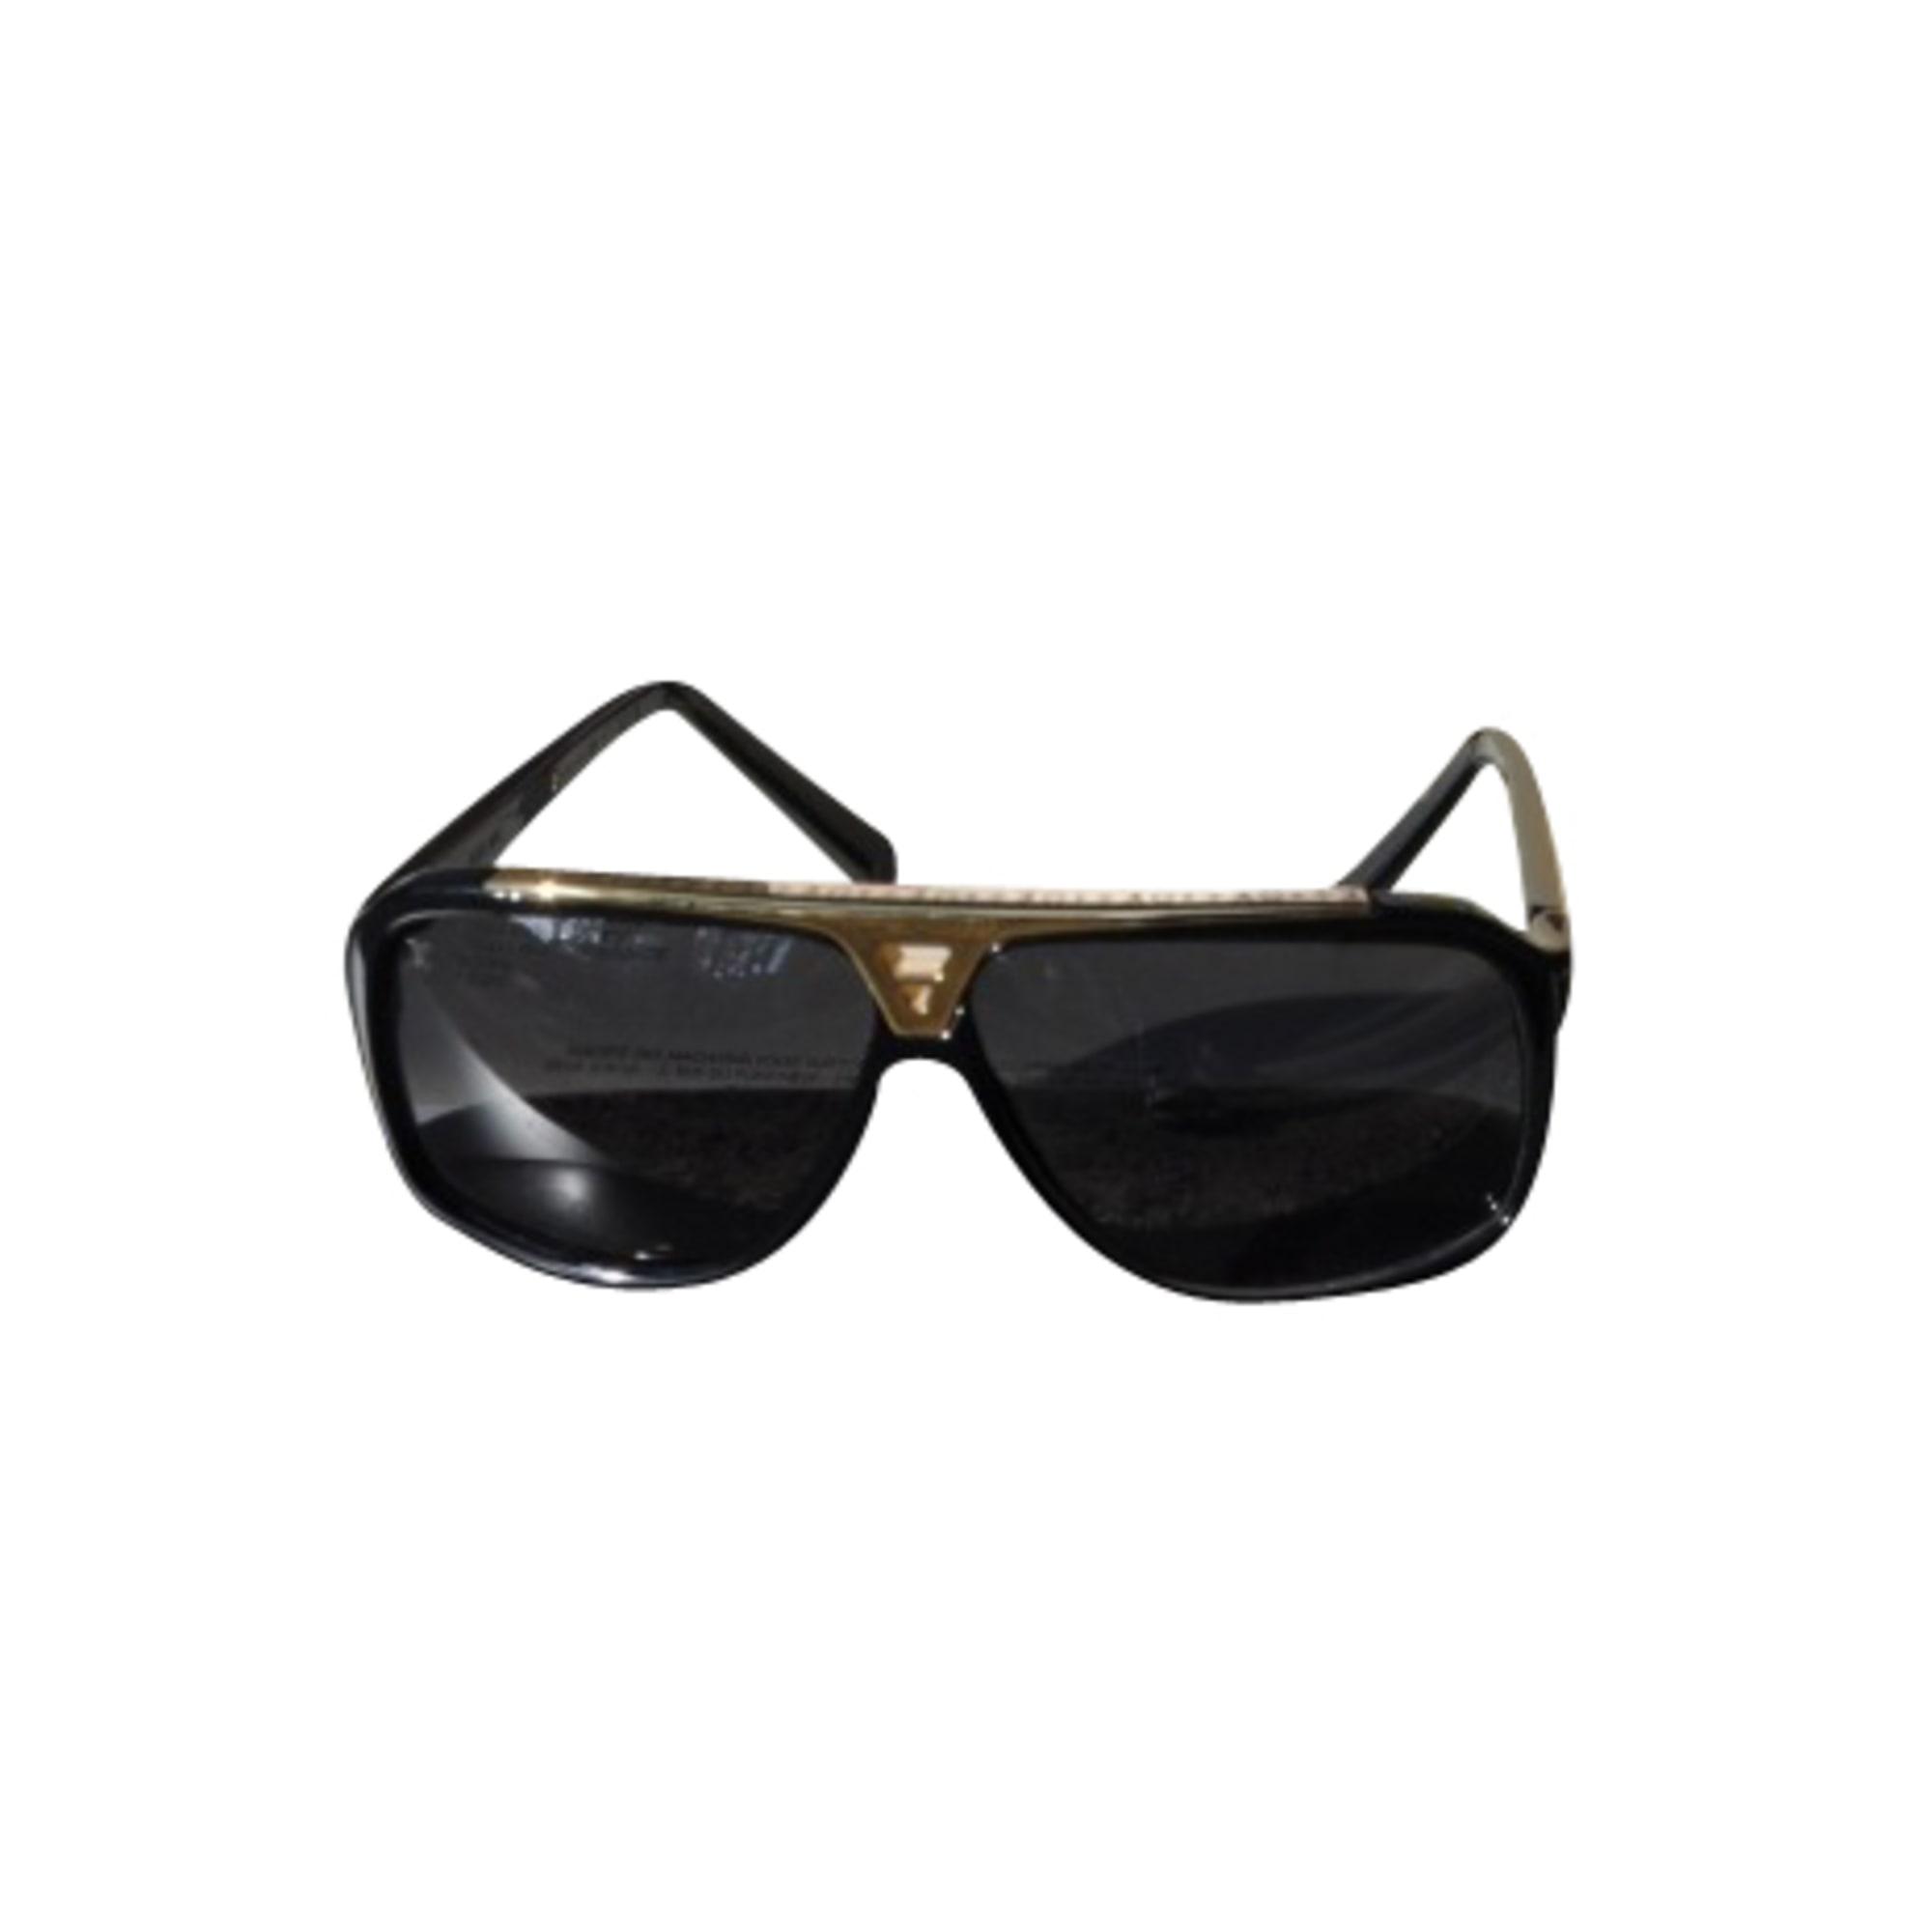 Lunettes de soleil LOUIS VUITTON noir vendu par Le vide-dressing ... ac9e3b181057